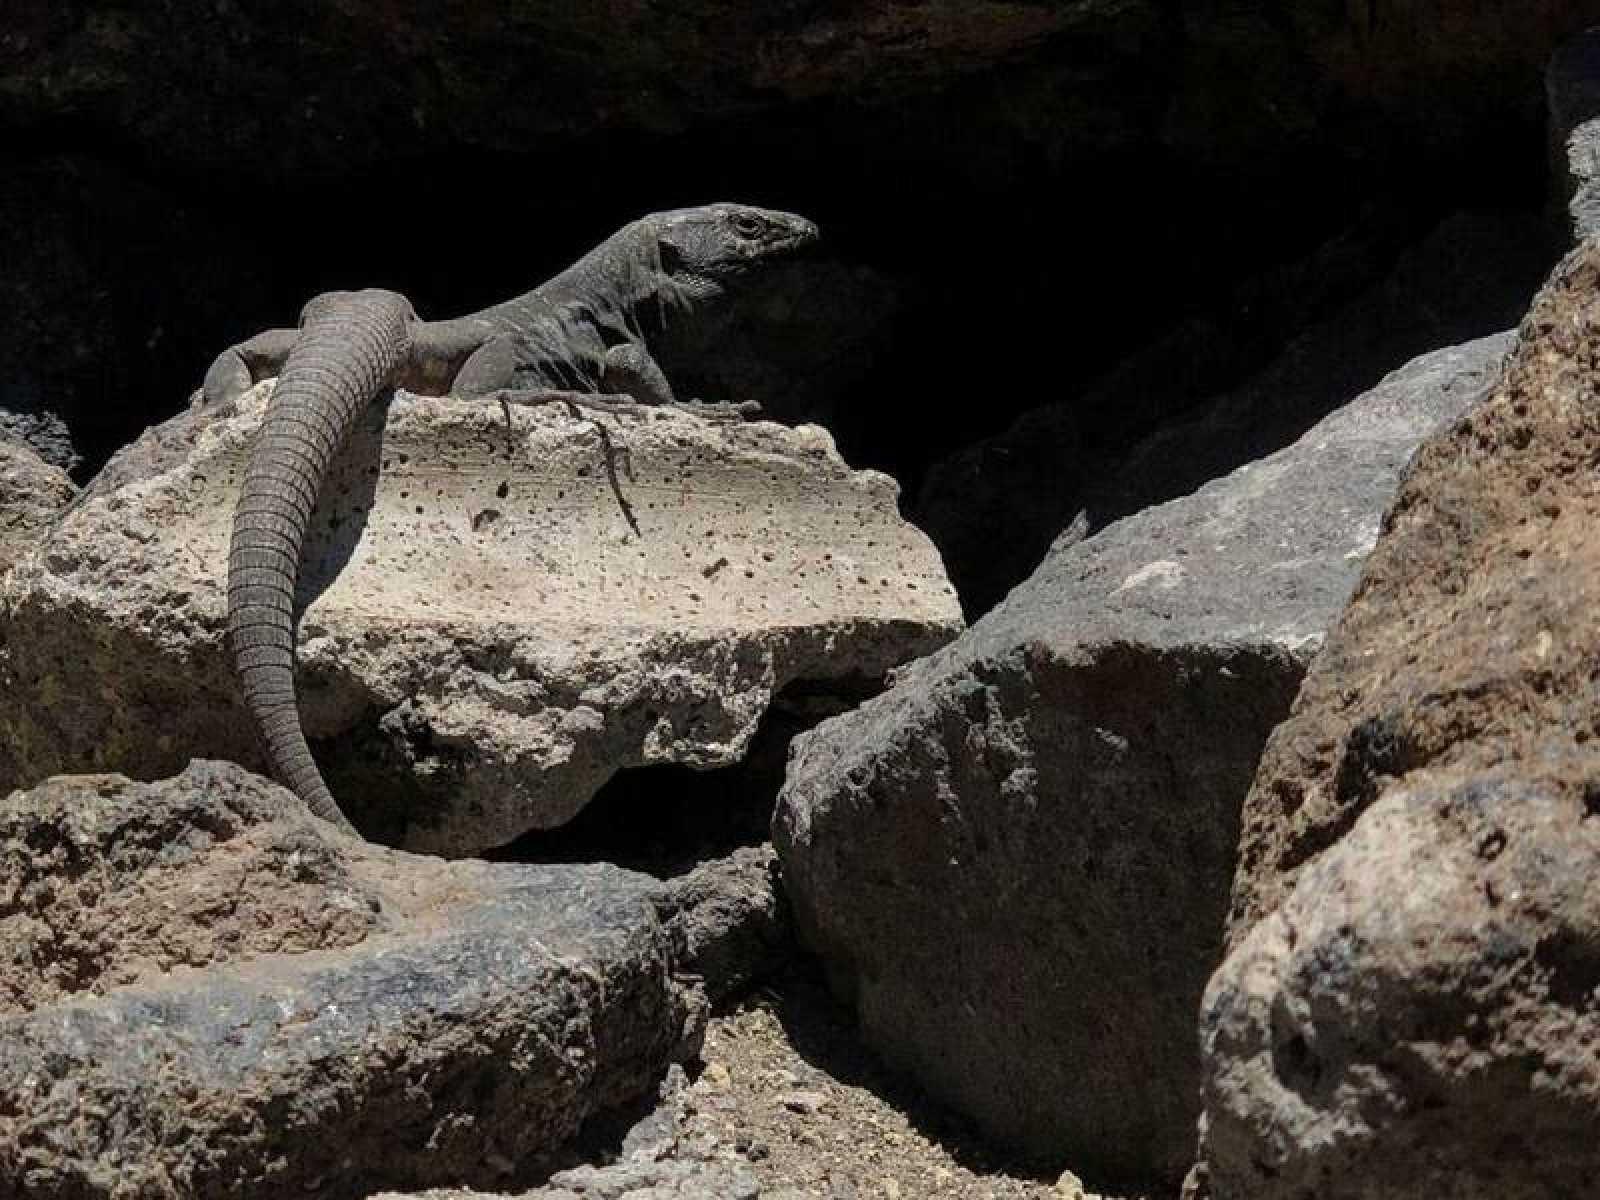 El lagarto tizón debió llegar hasta las islas Canarias flotando sobre algún resto vegetal que el mar arrastró hasta la costa